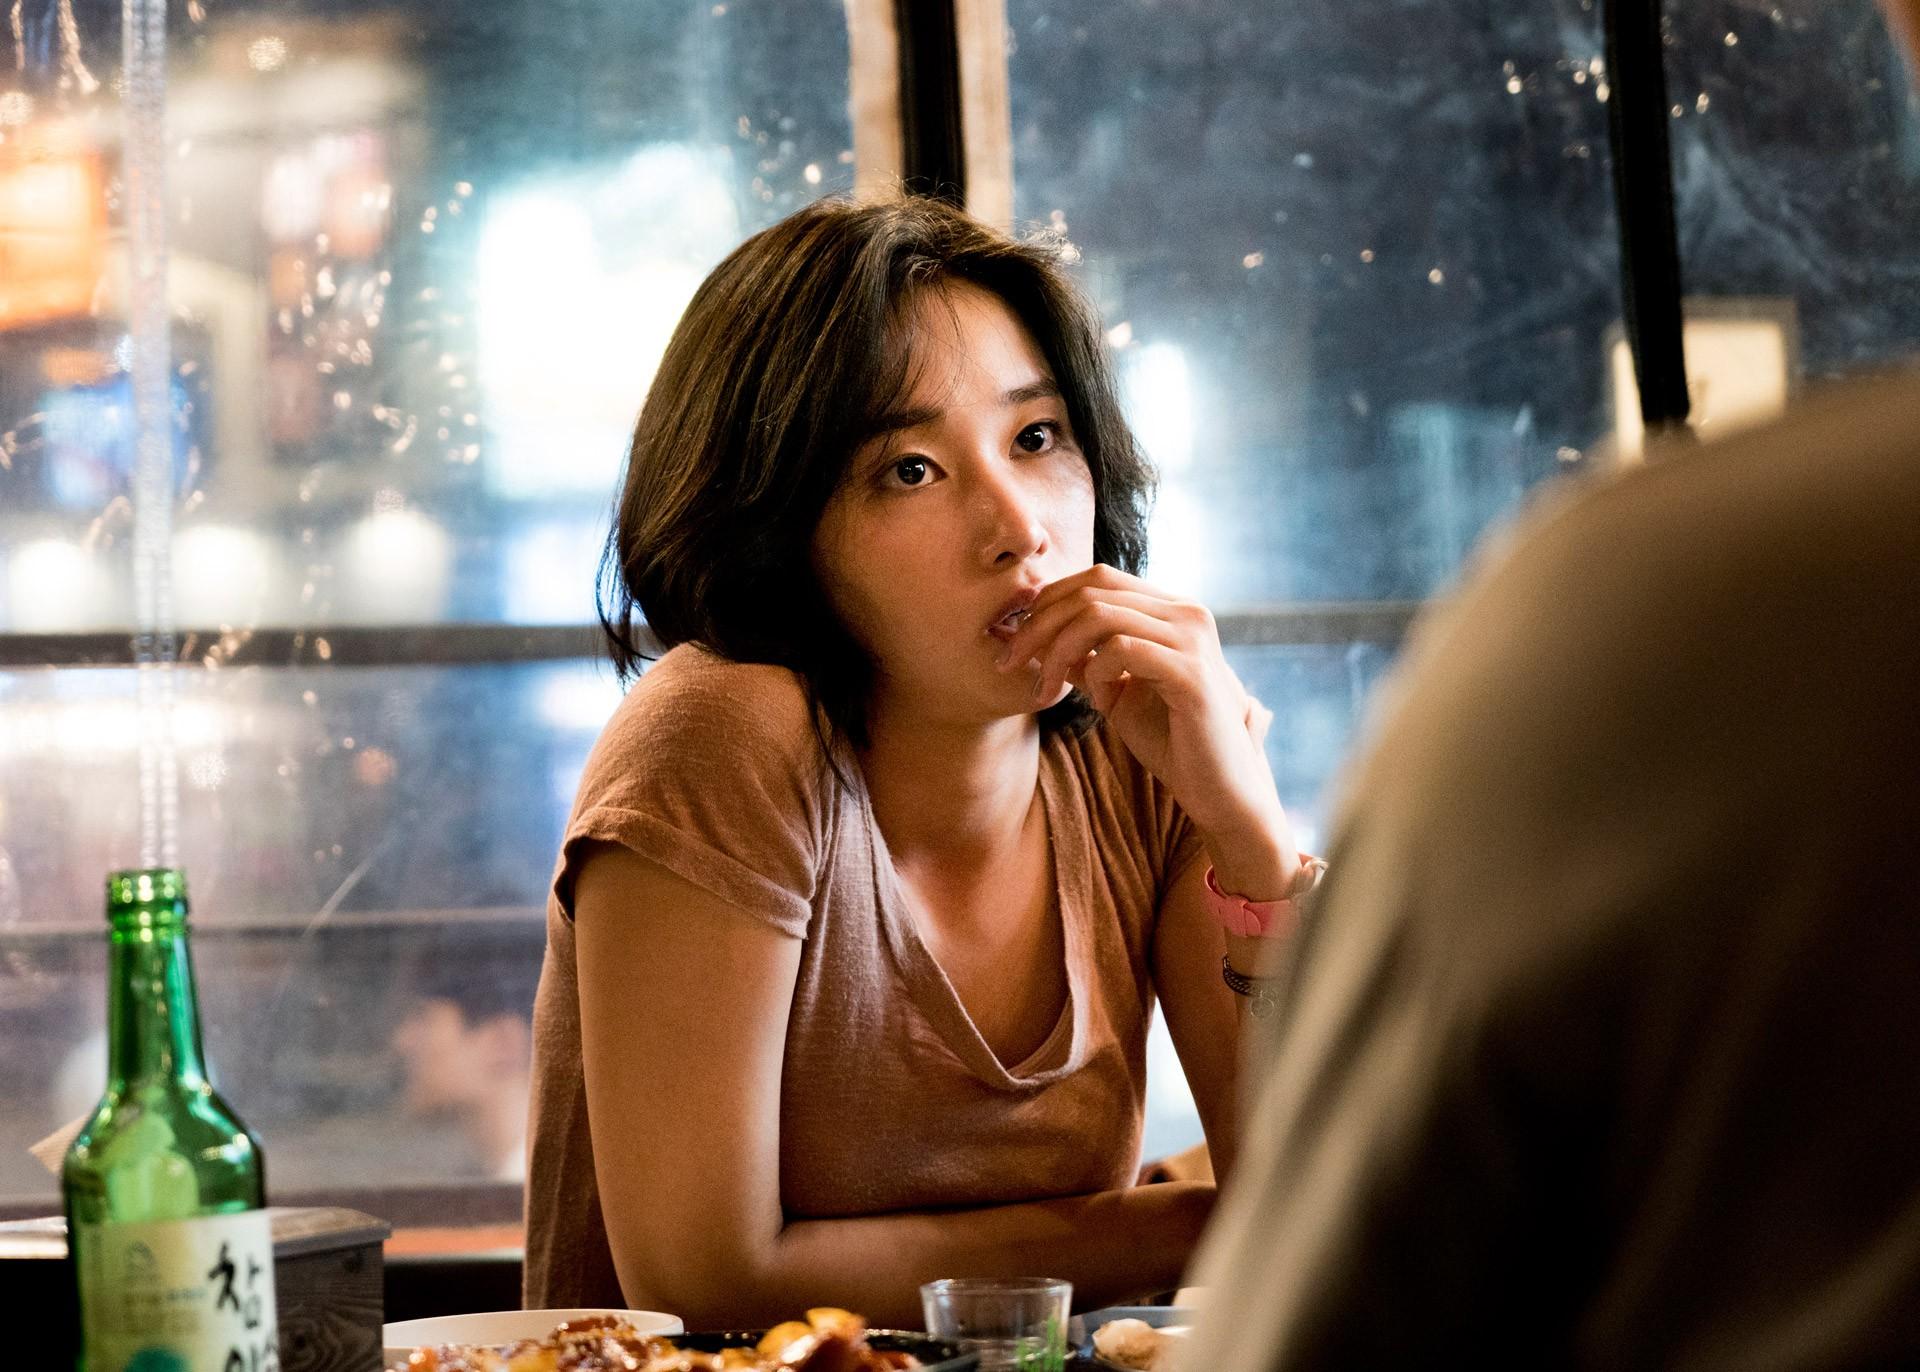 5 phim Hàn nổi bật ra rạp tháng Năm: Mang chuông đi đánh xứ người - Ảnh 15.